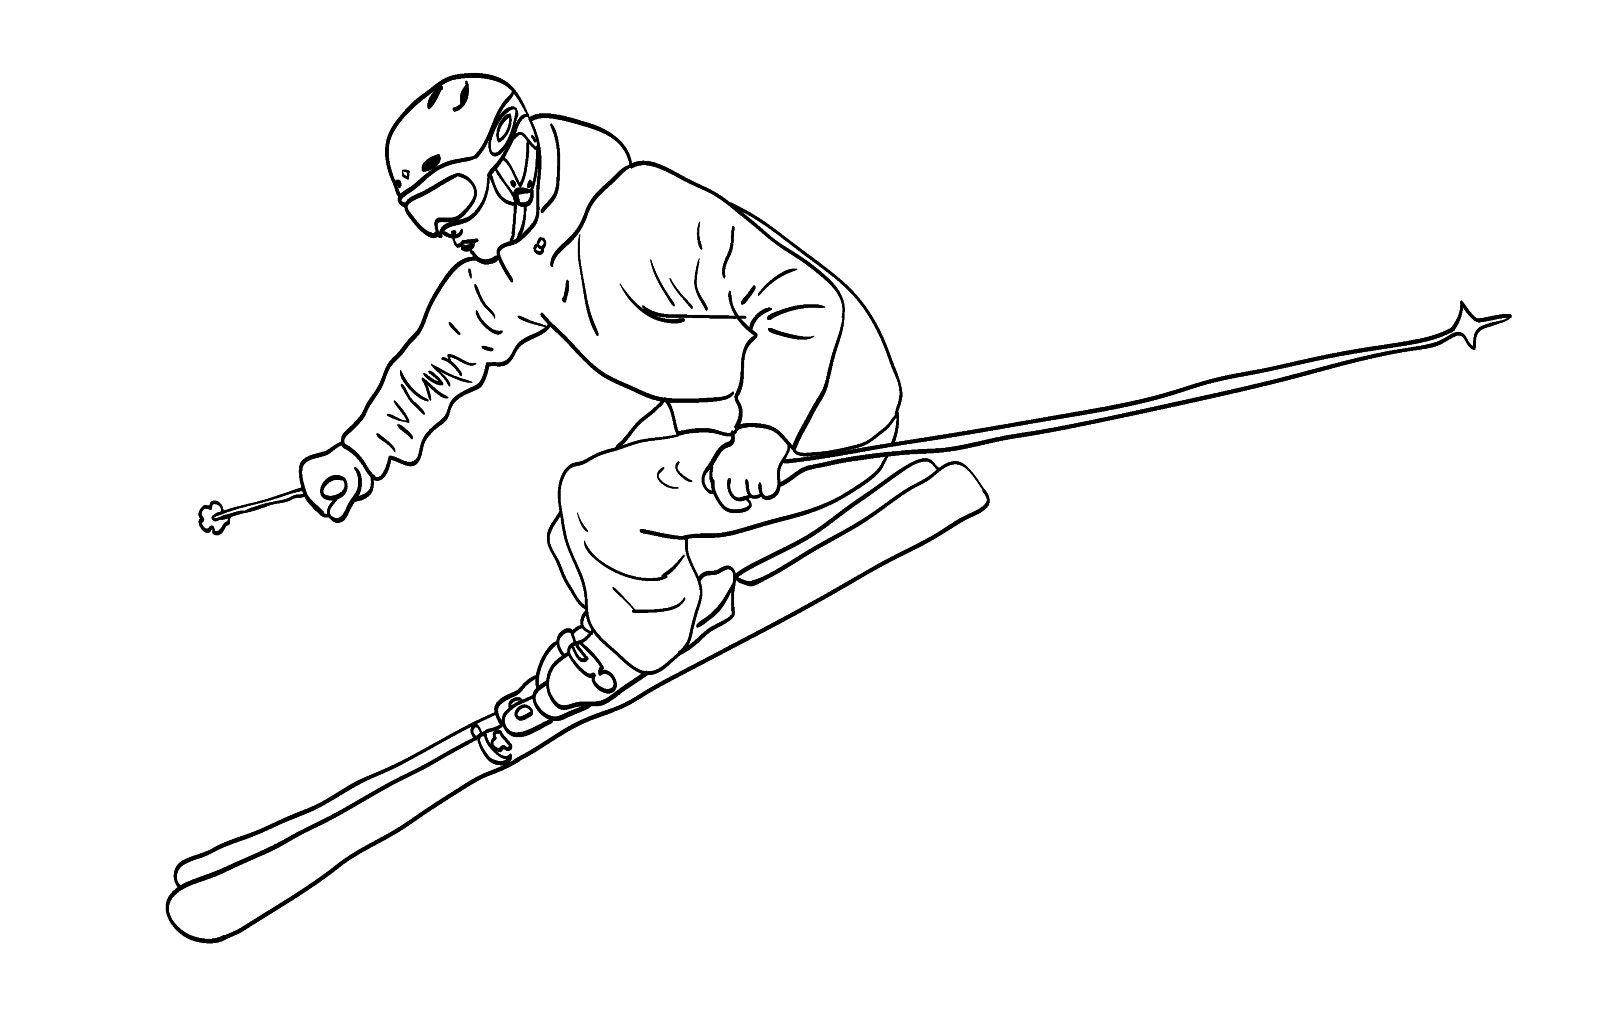 Человек в движении раскраска (с изображениями) | Раскраски ...